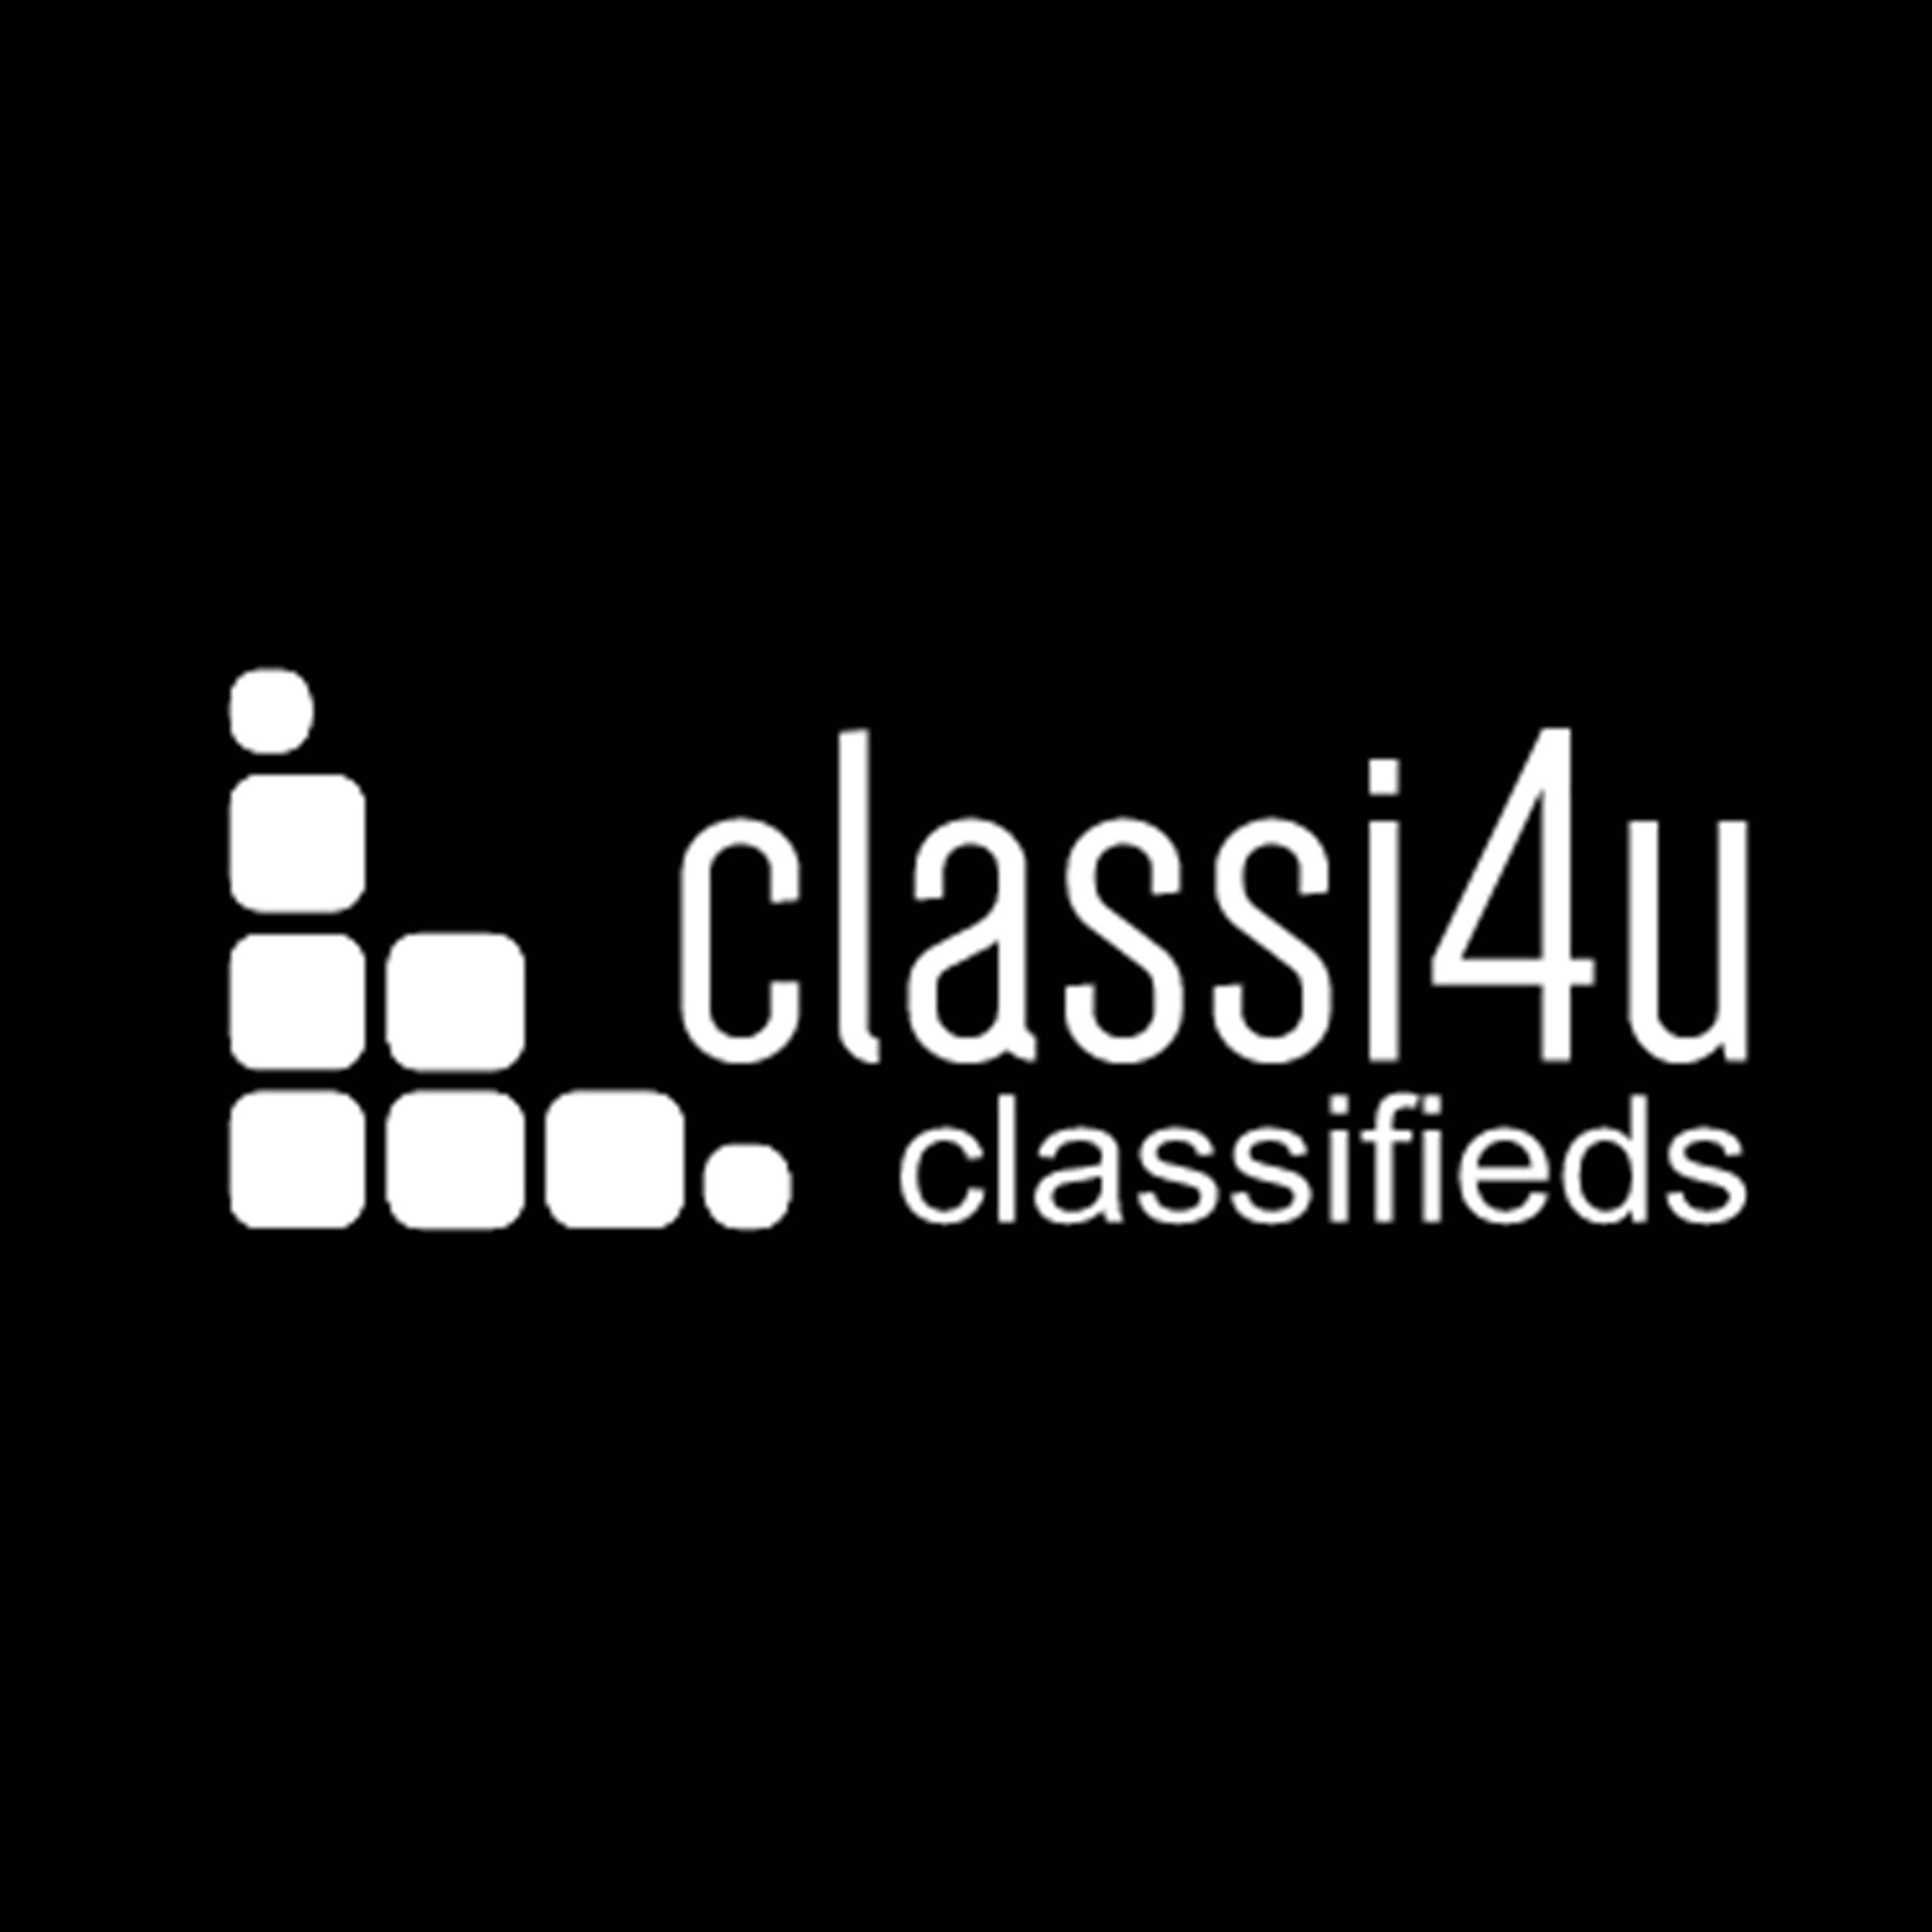 Classi4u